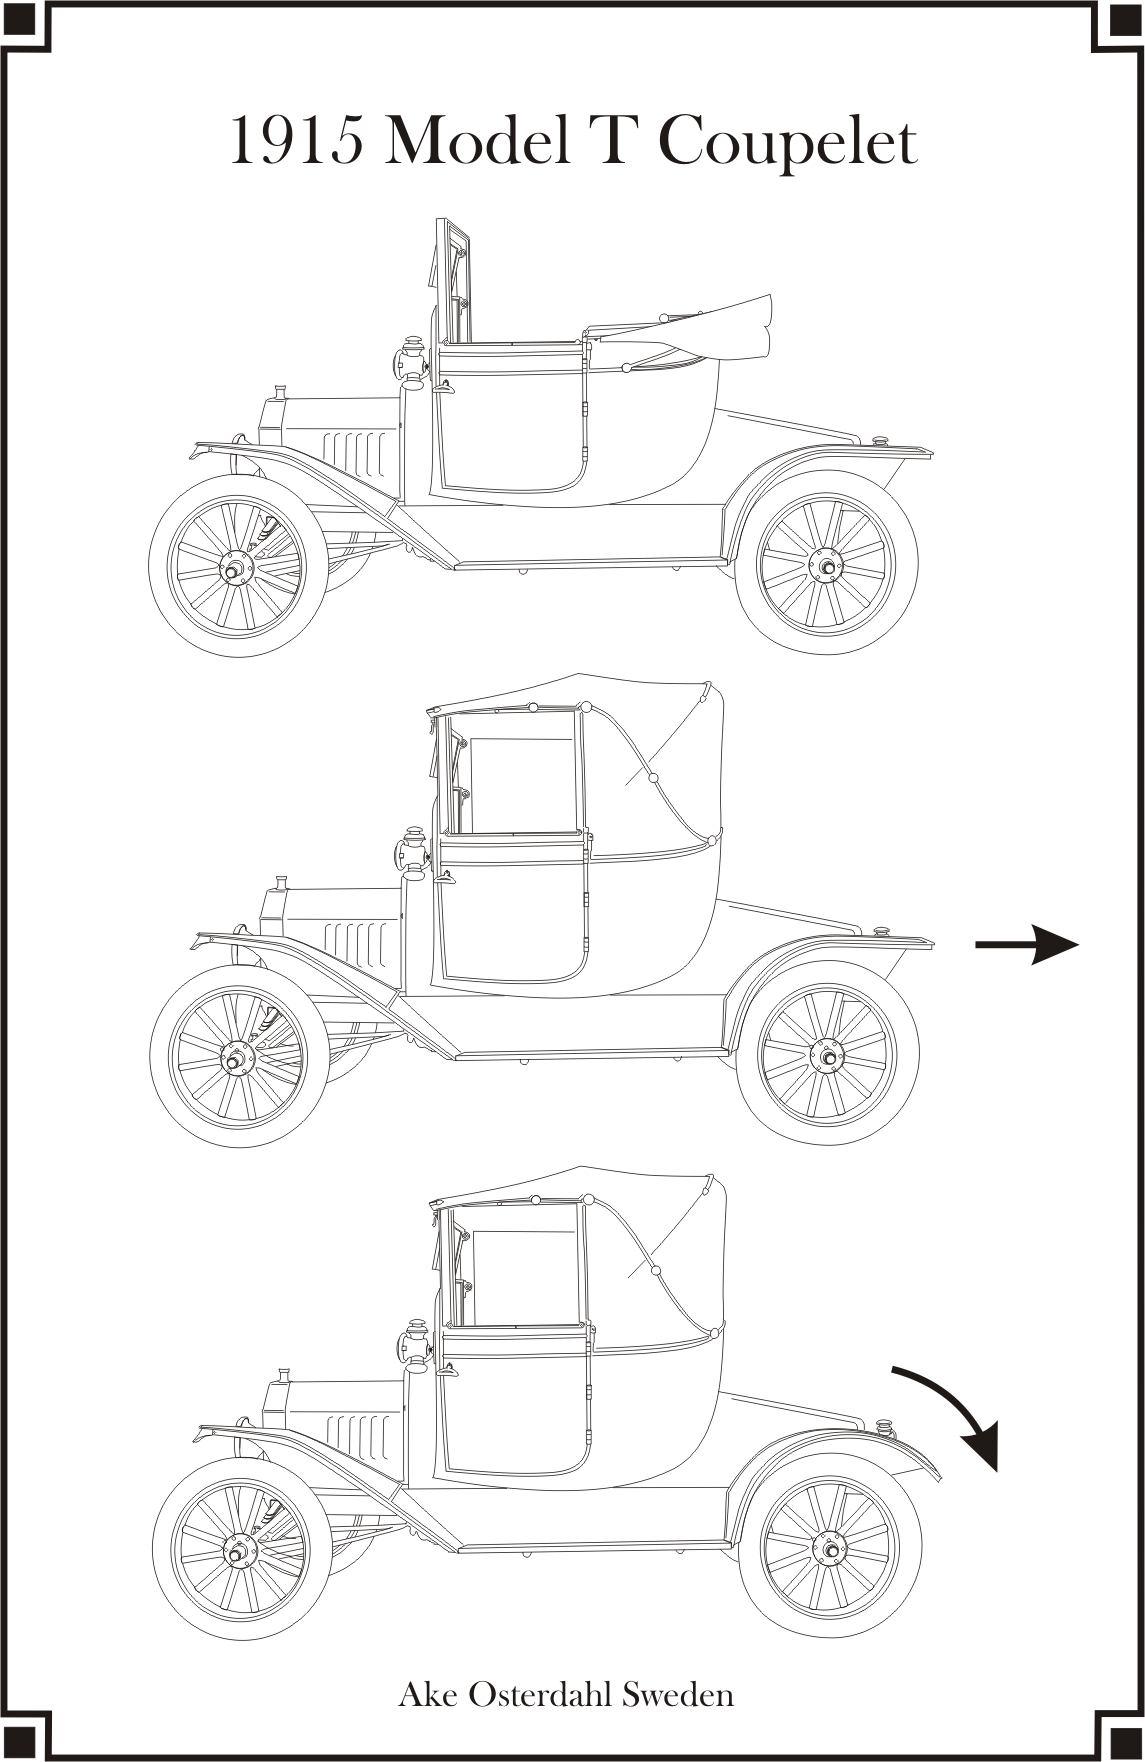 1915 Model T Coupelet